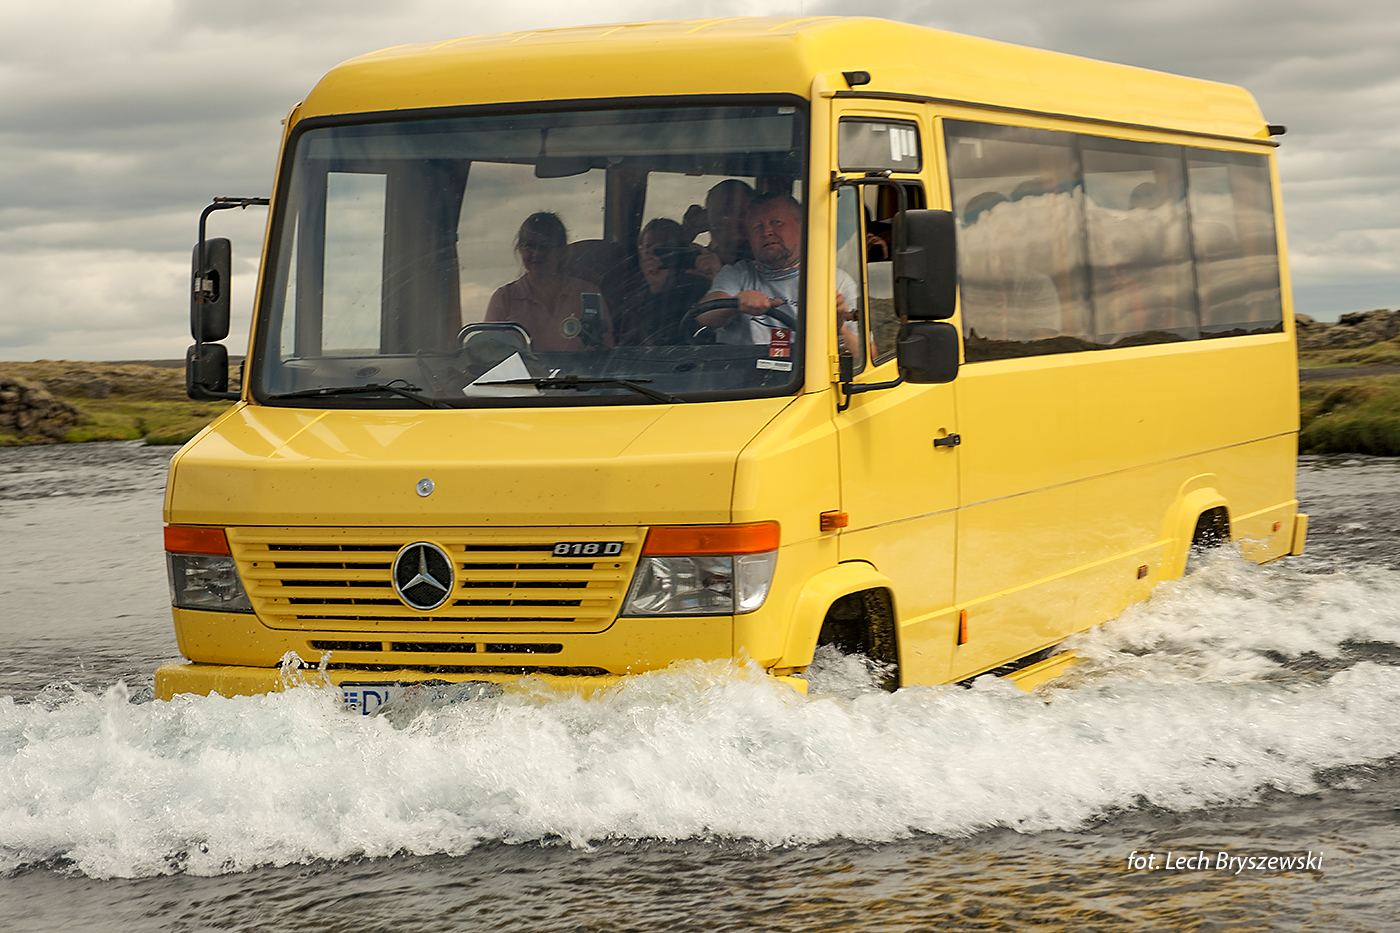 Autobus podczas forsowania rzeki, Islandia